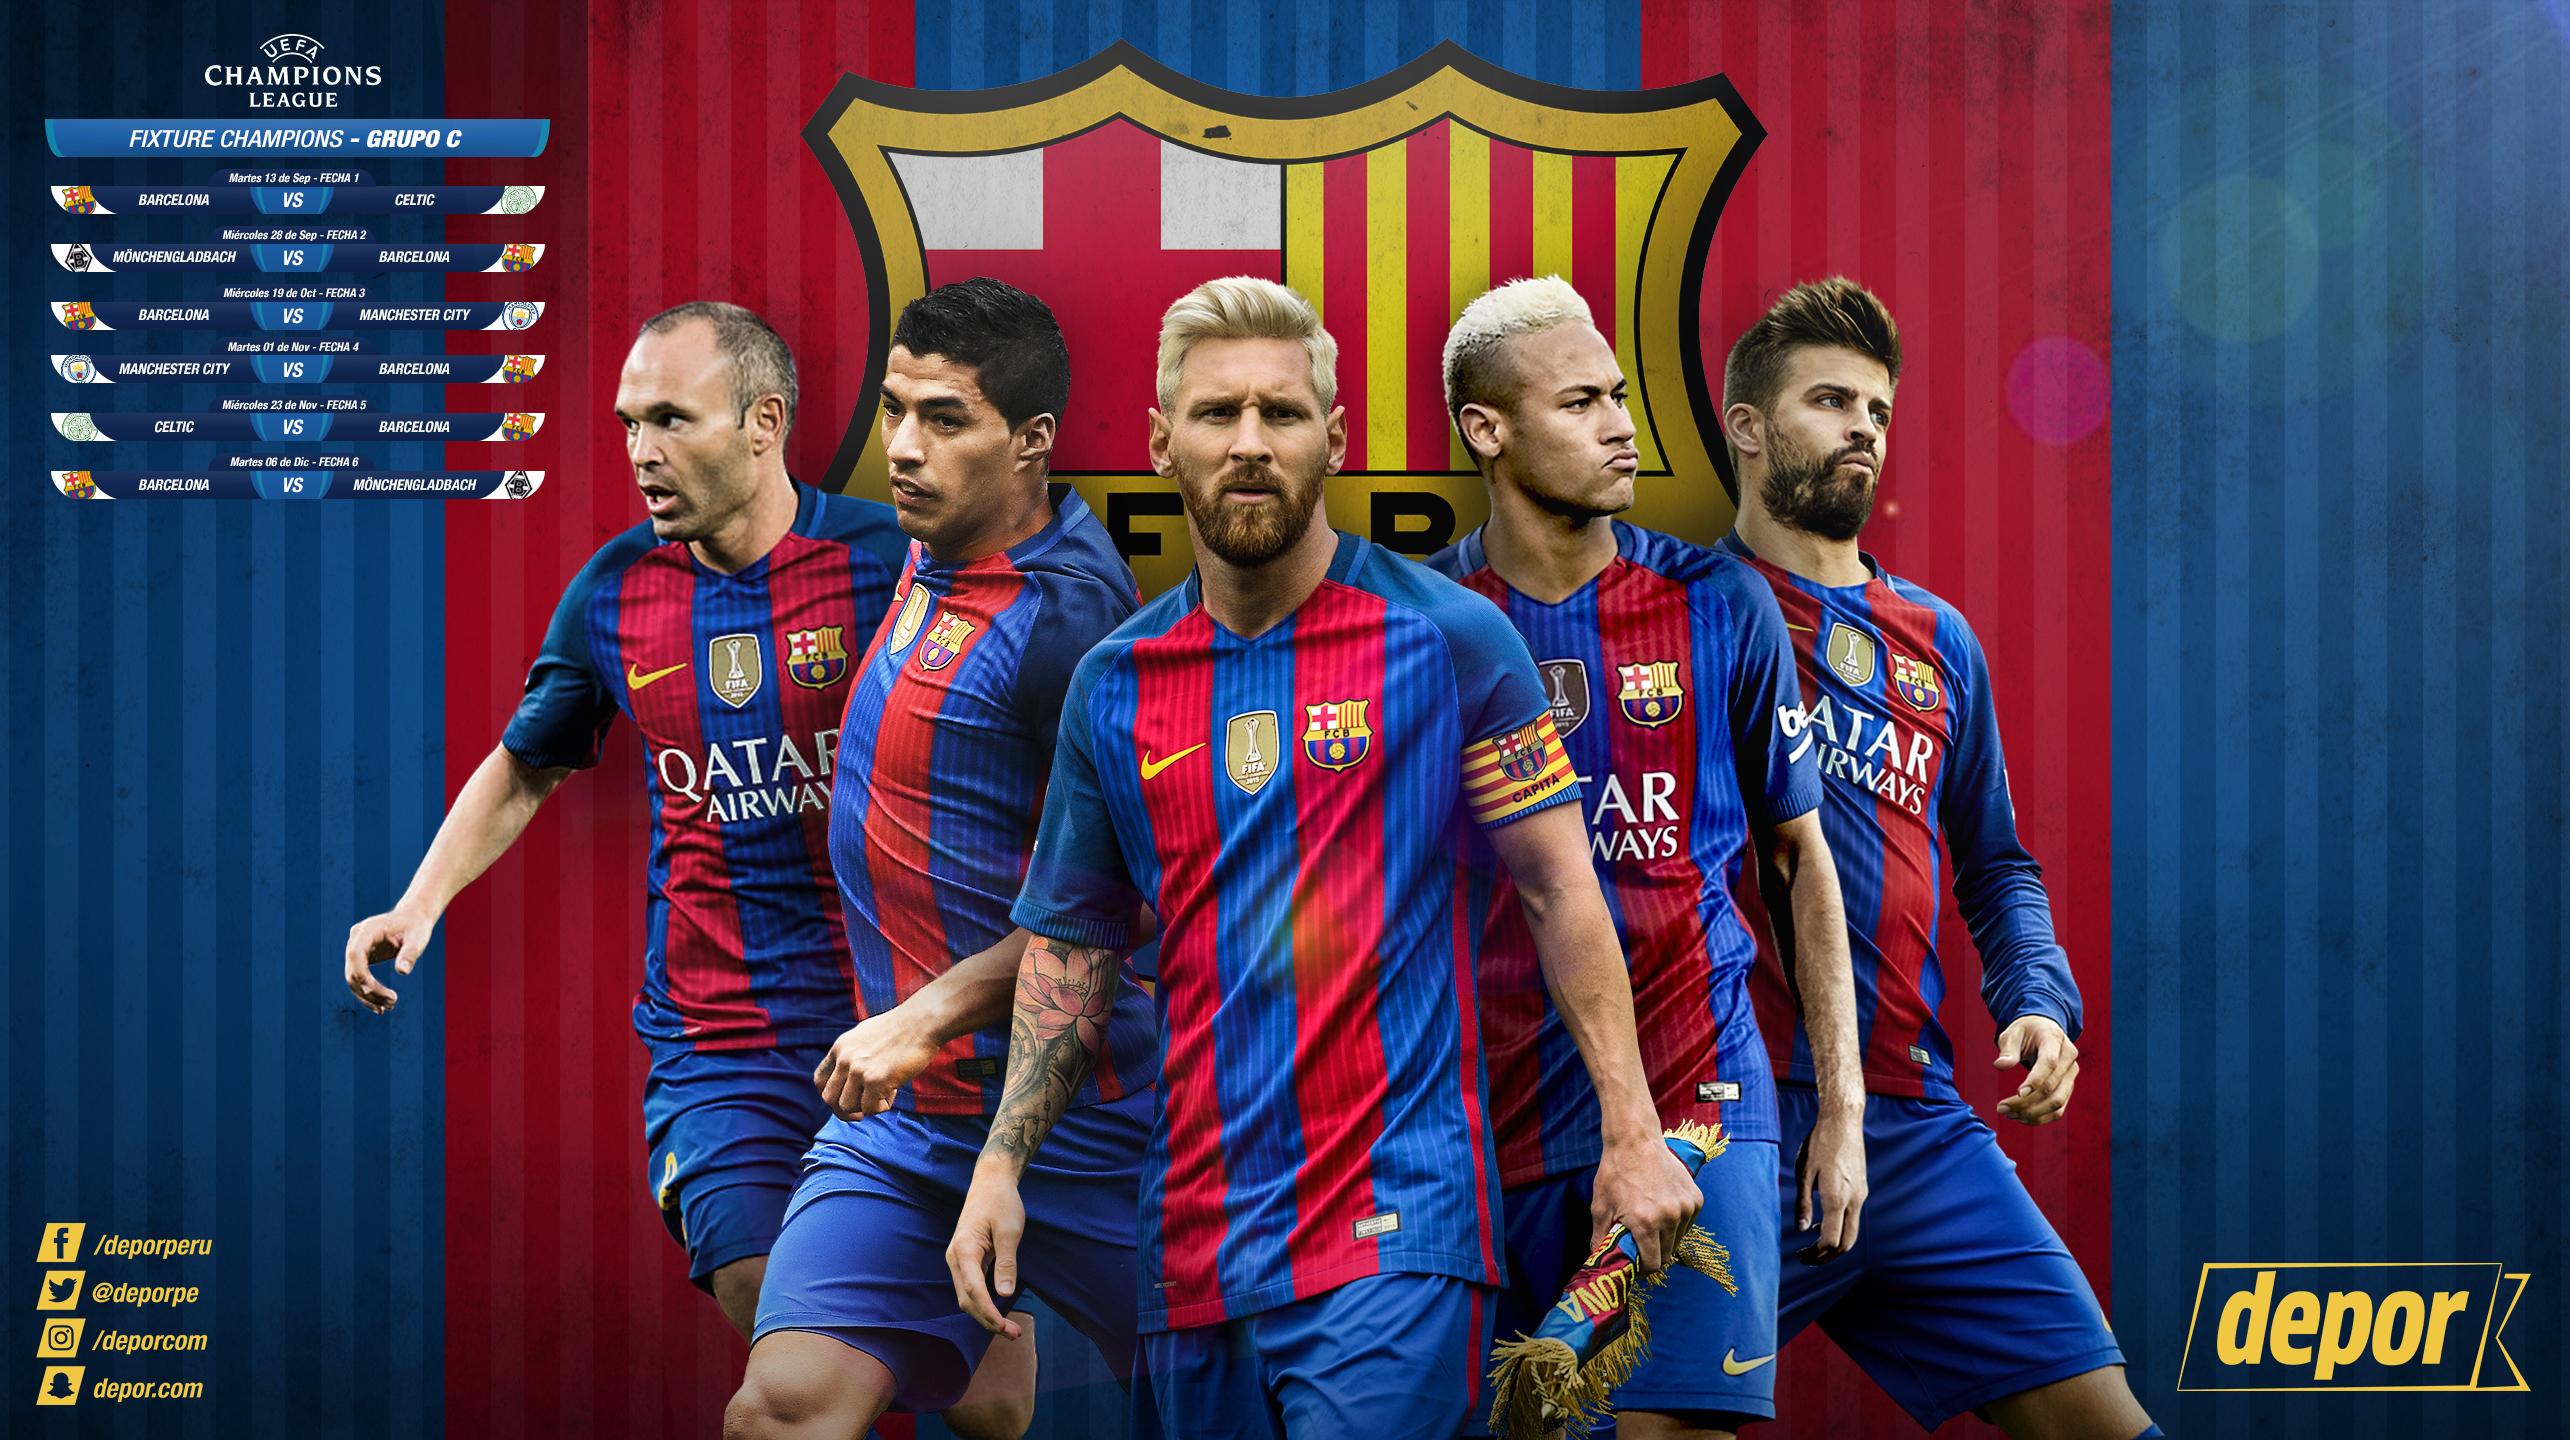 Champions League Hoy Podrás Descargar Gratis El Wallpaper